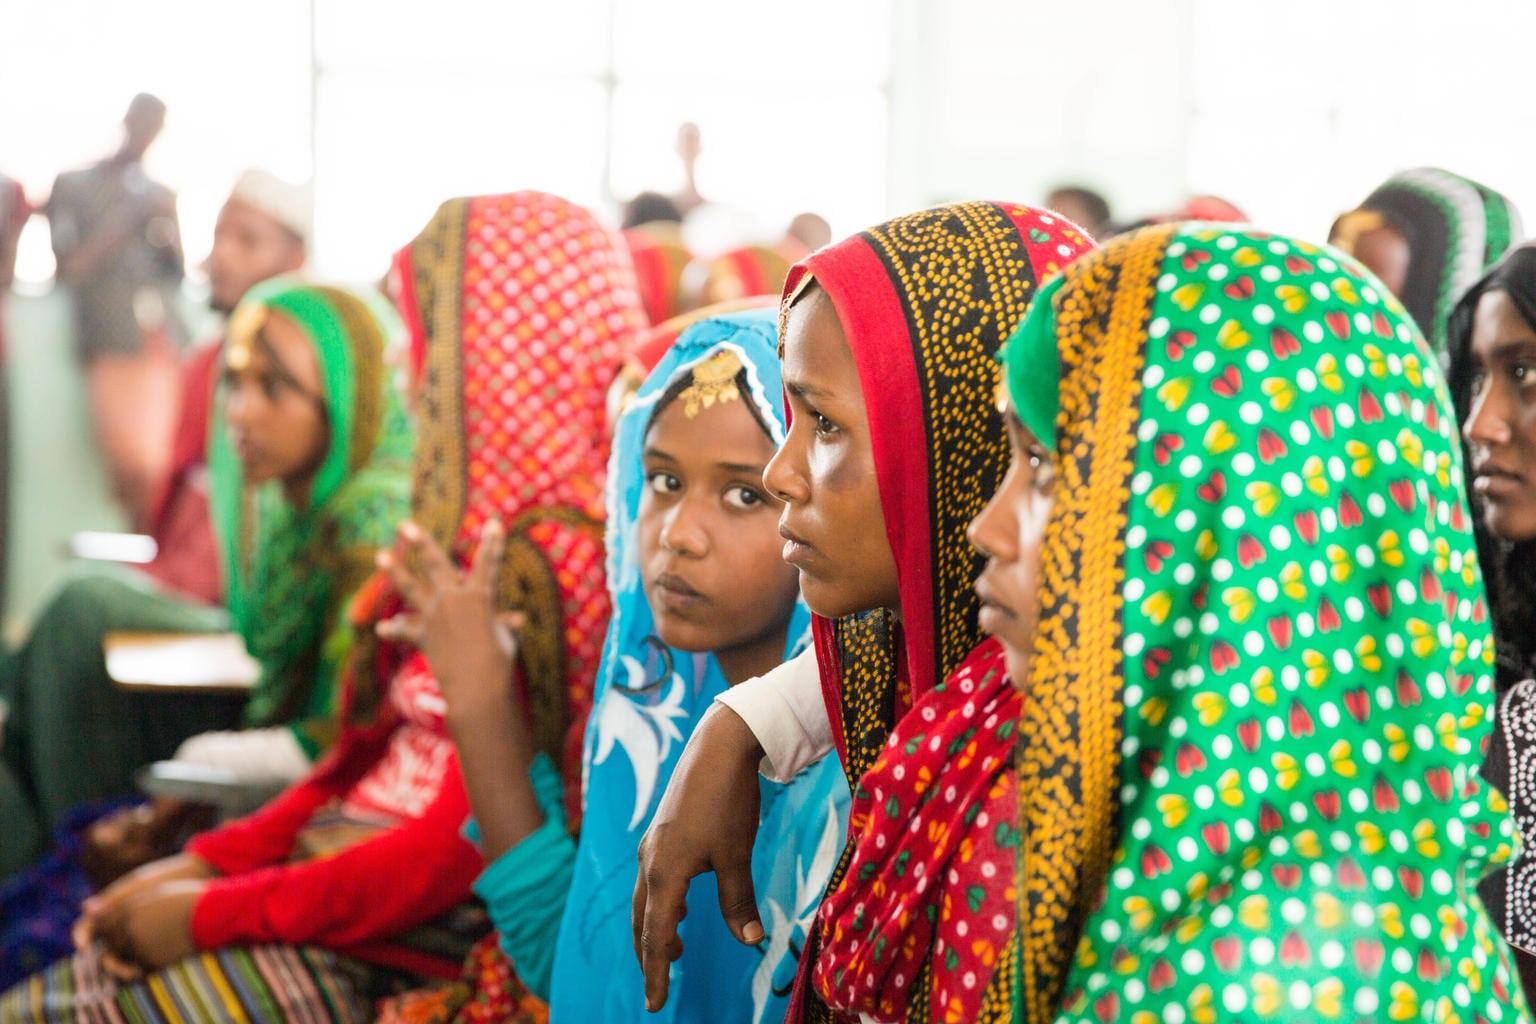 2月6日は『国際女性性器切除(FGM)根絶の日』人口増加との闘い、女子数百万人被害の恐れユニセフの活動地域で切除3分の1減少もユニセフ・UNFPA共同声明